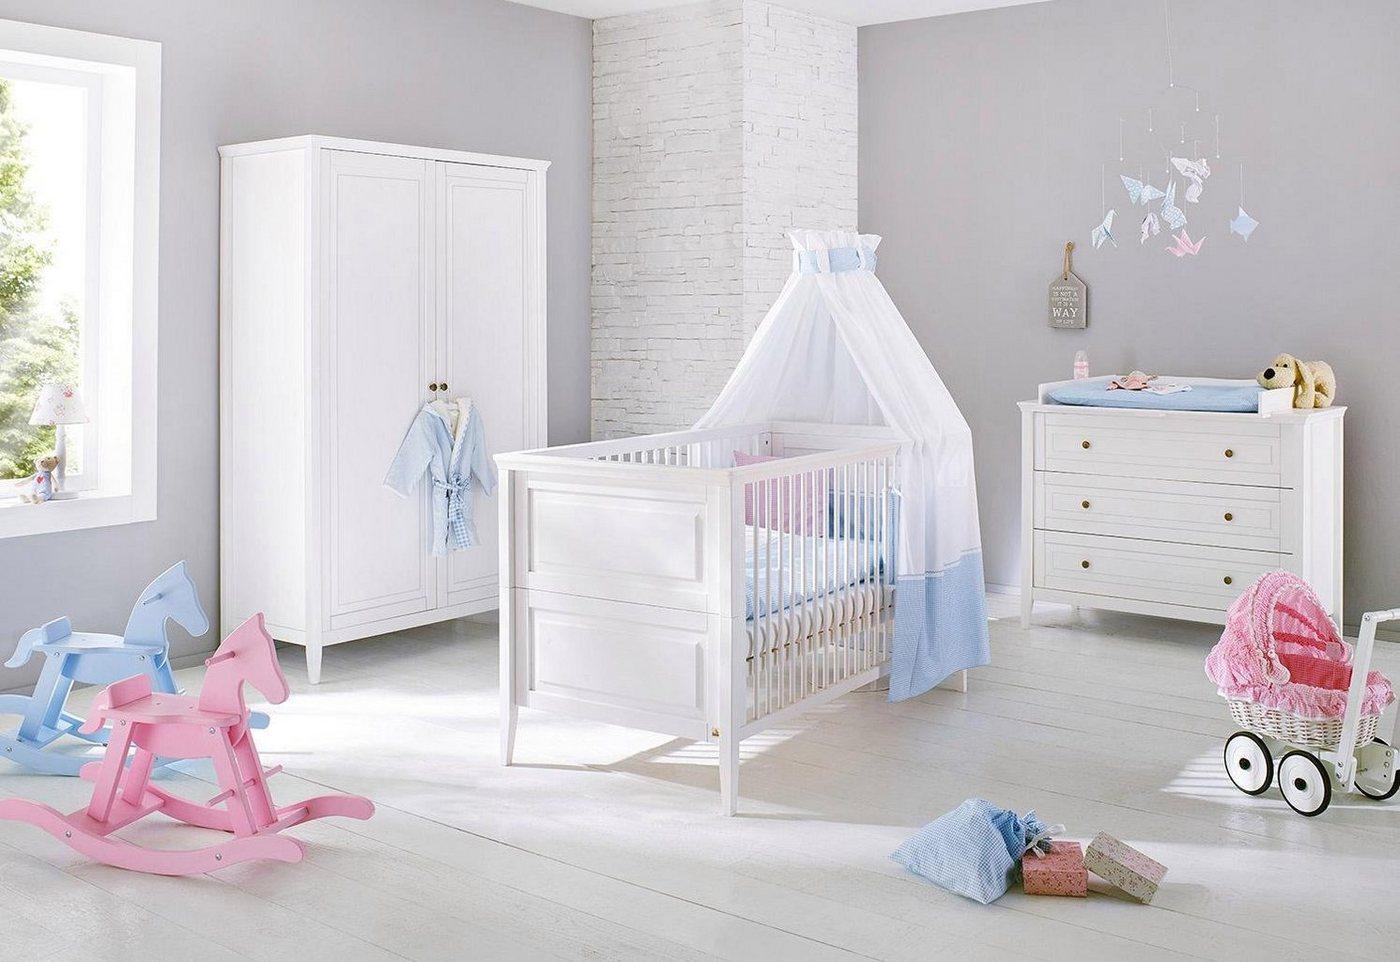 Pinolino Babyzimmer-Set (3-tlg.), Kinderzimmer, »Smilla breit« | Kinderzimmer > Babymöbel > Komplett-Babyzimmer | Kiefer | Pinolino®